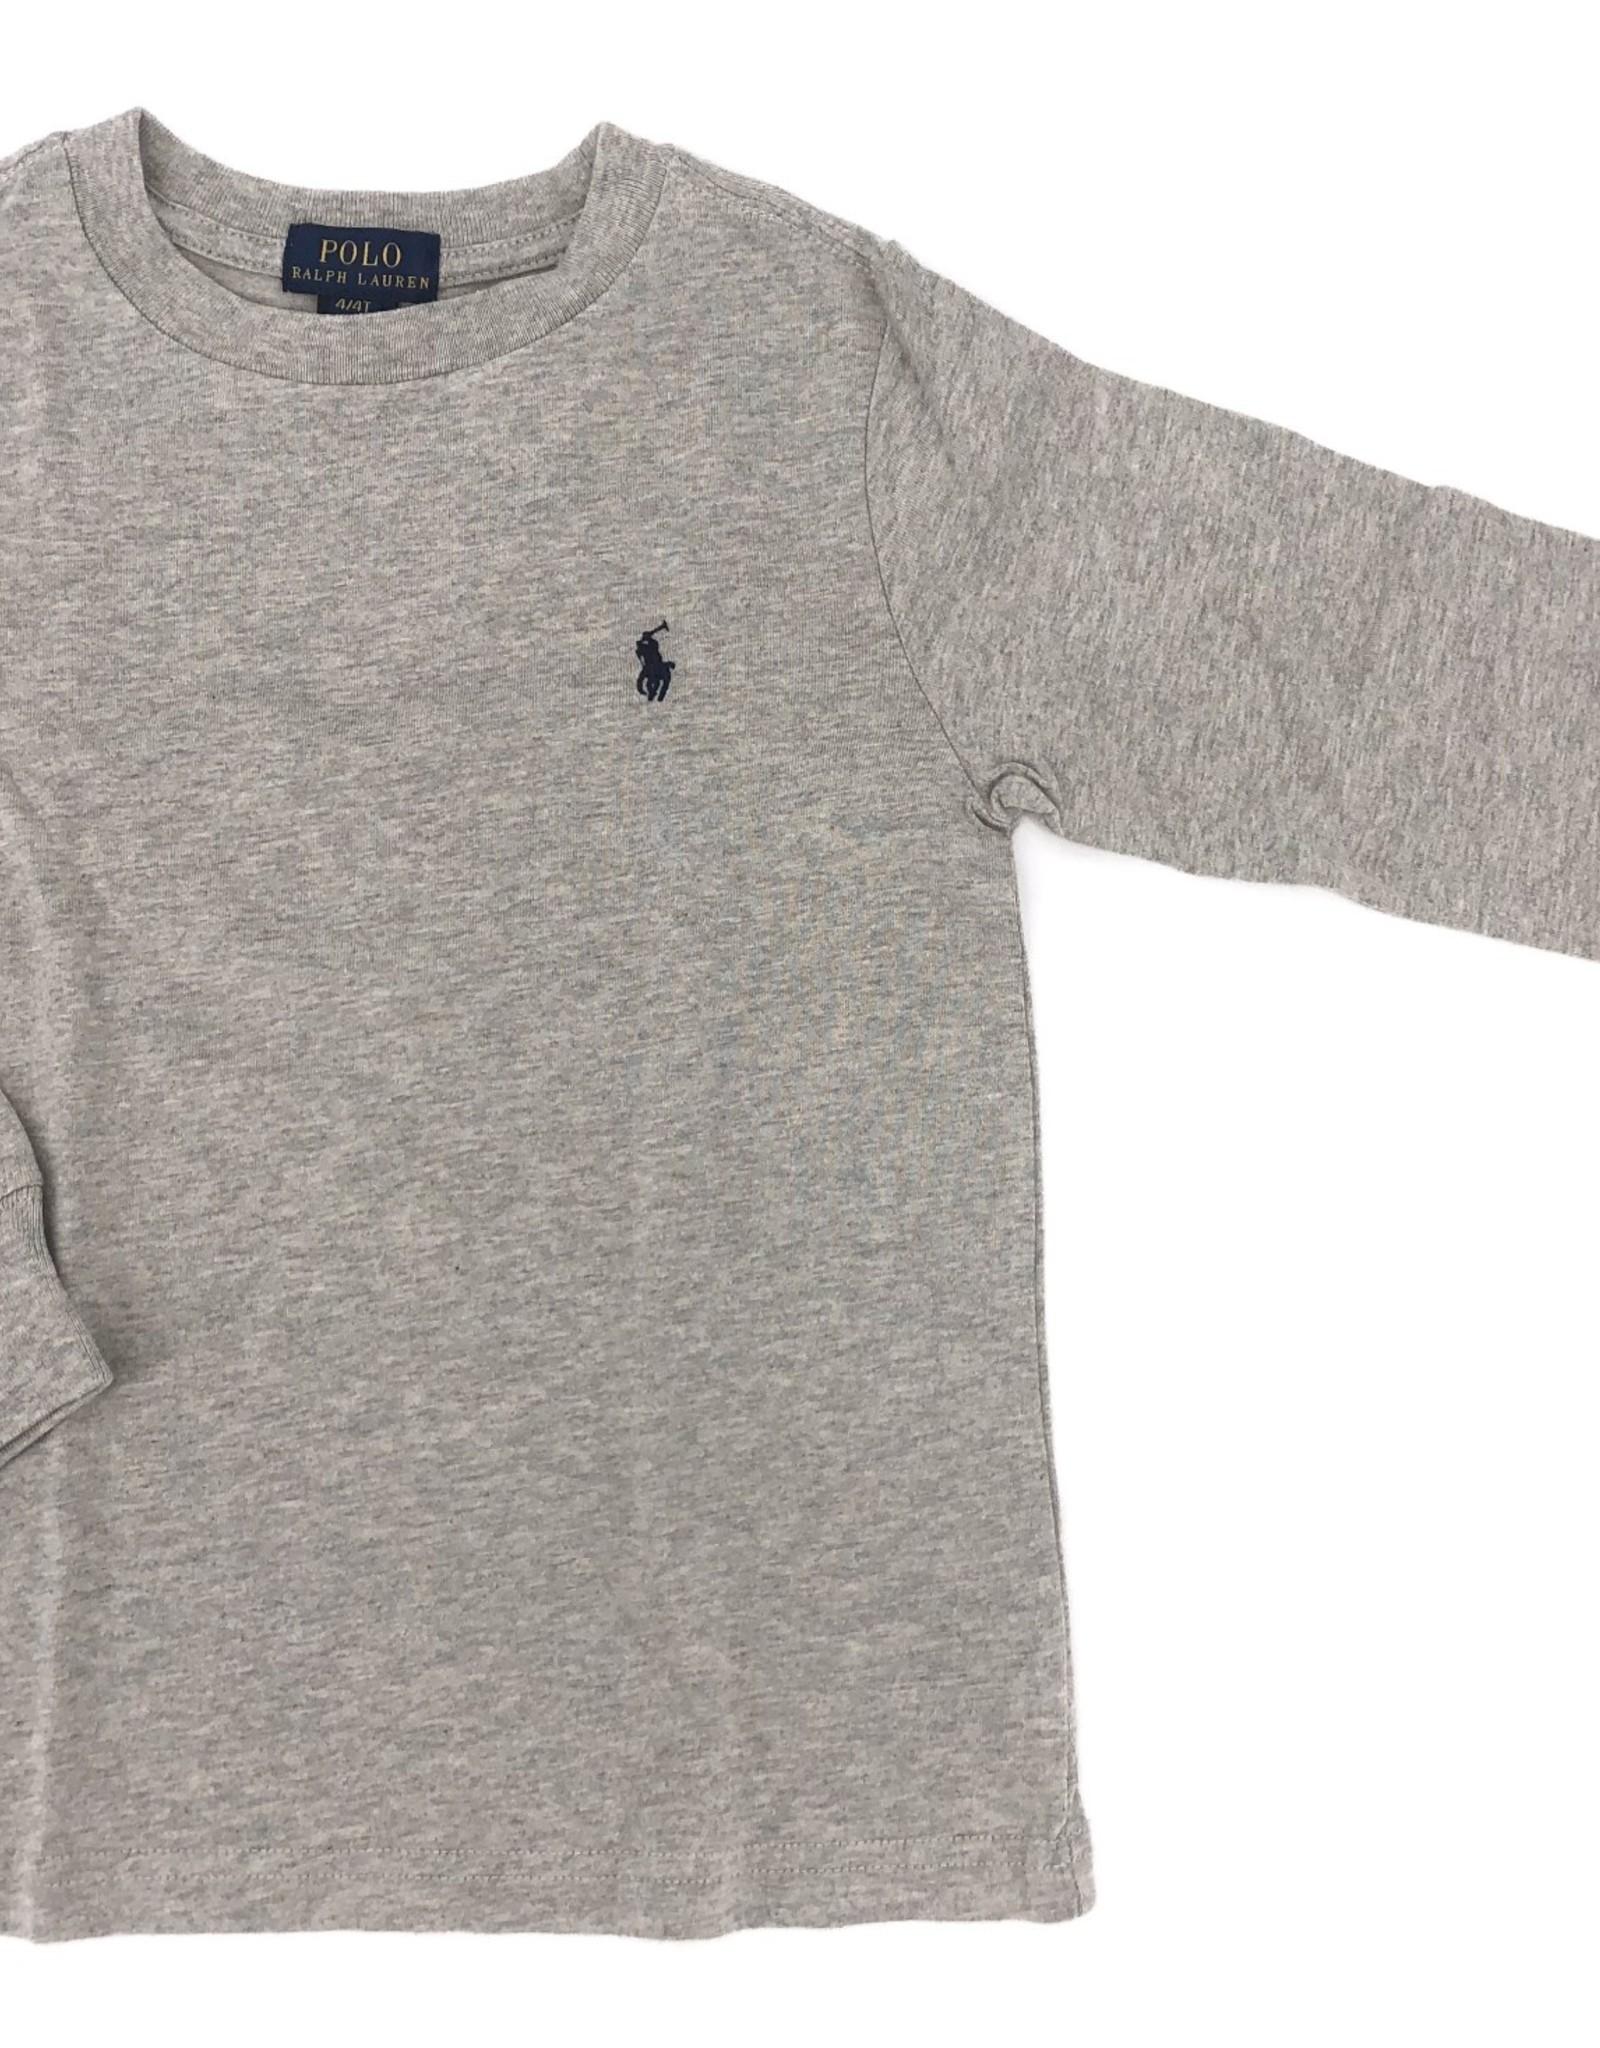 RALPH LAUREN RALPH LAUREN T-shirt grijs lange mouw